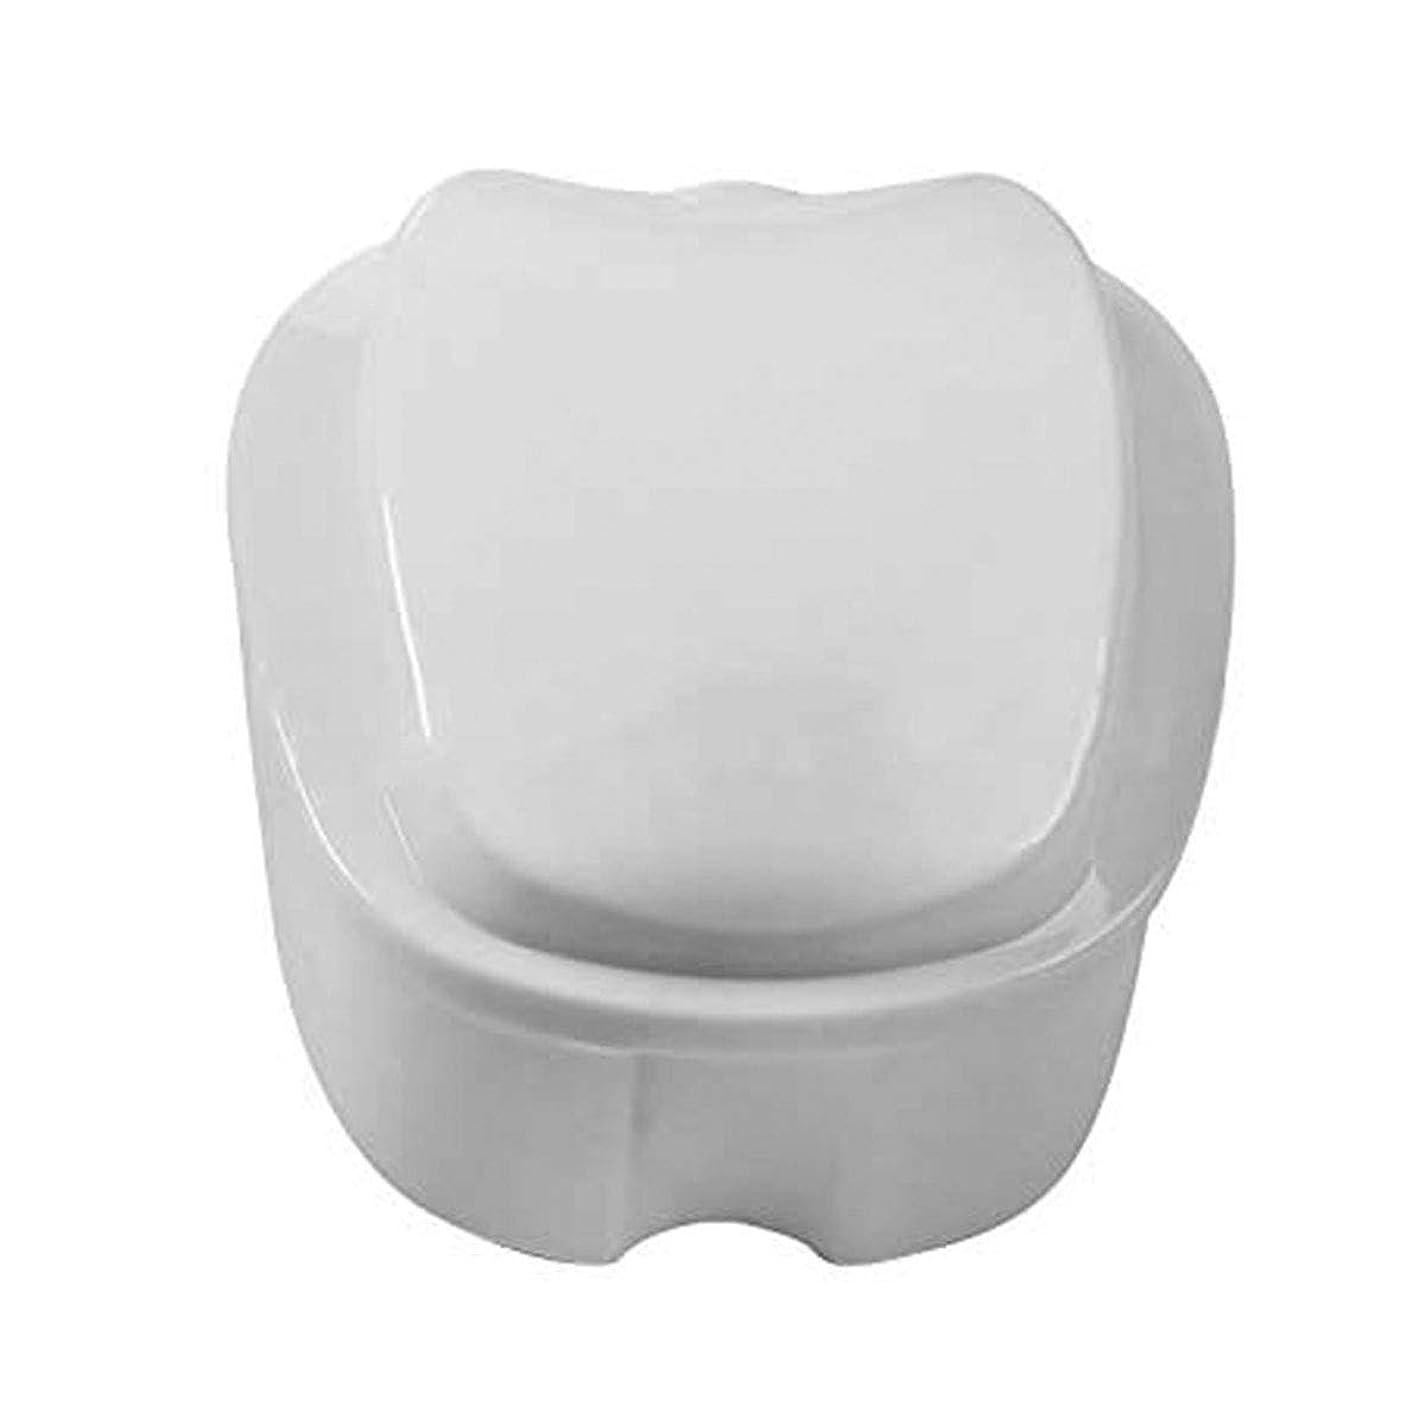 何でも慣らすくるくるCoiTek 入れ歯 ケース 義歯容器 家庭旅行用 ストレーナー付き(ホワイト)